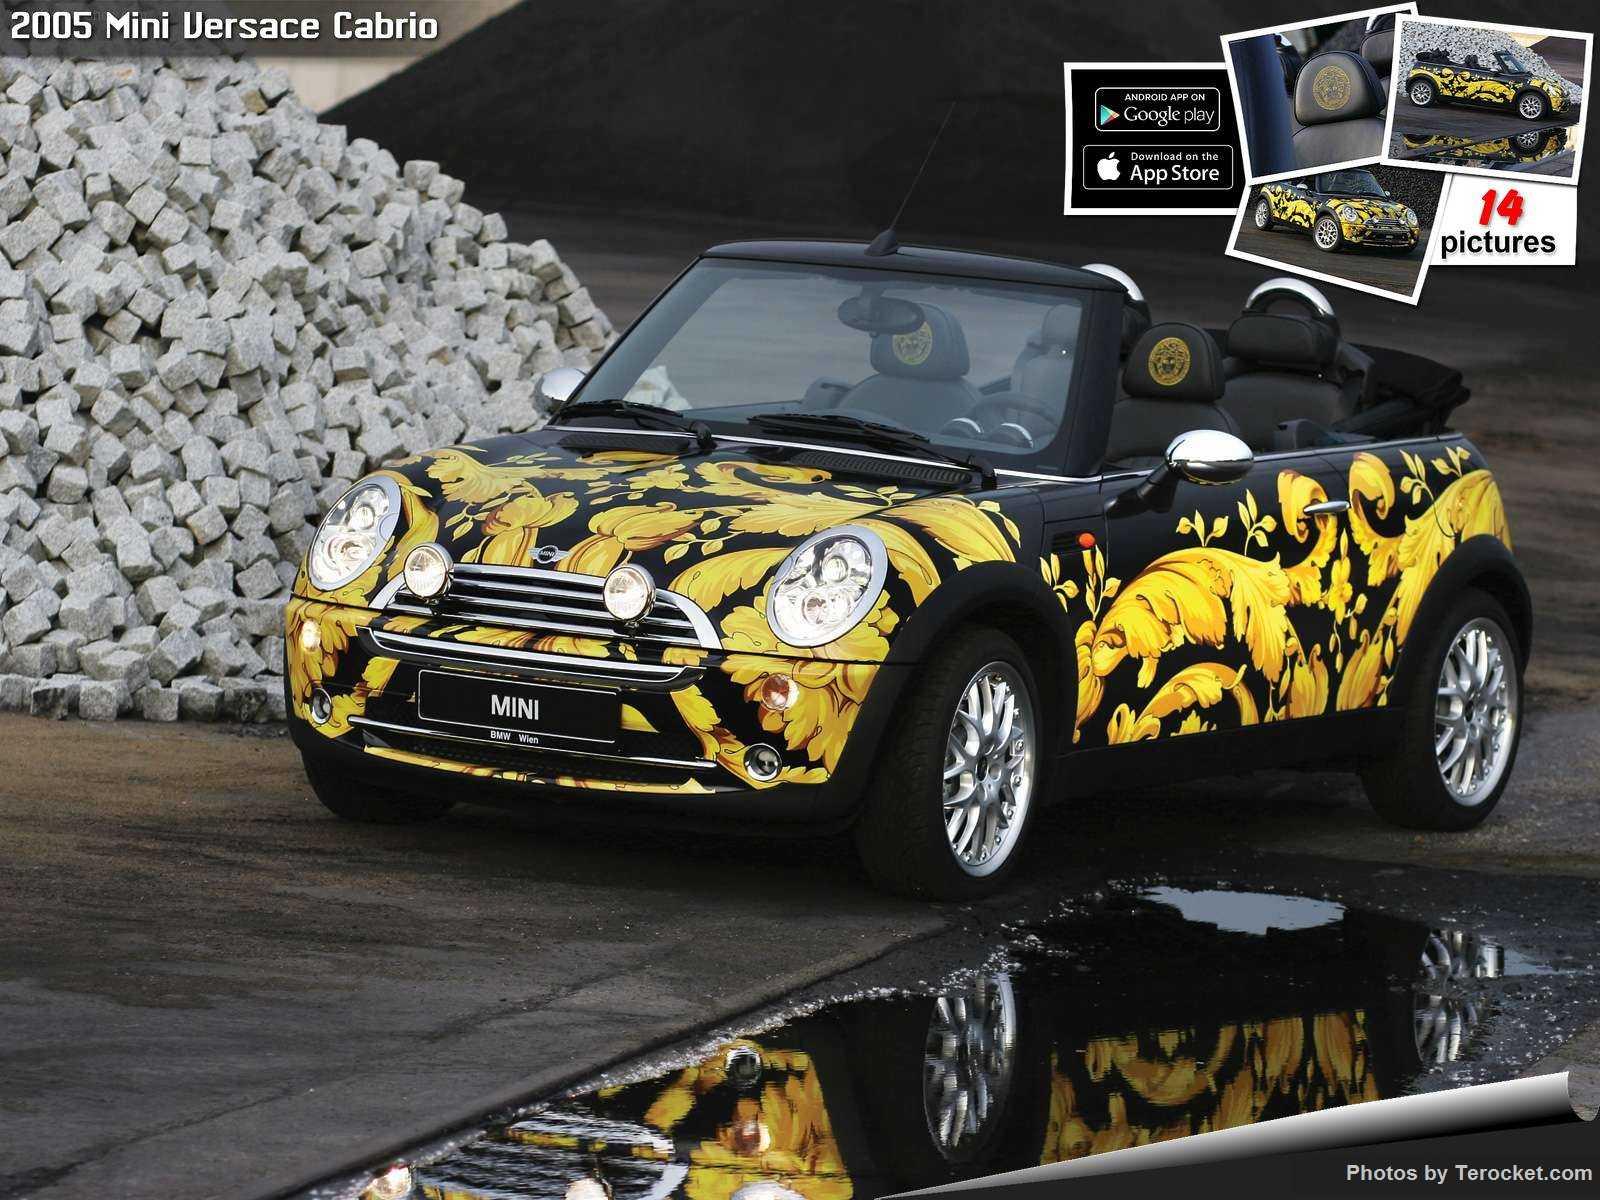 Hình ảnh xe ô tô Mini Versace Cabrio 2005 & nội ngoại thất